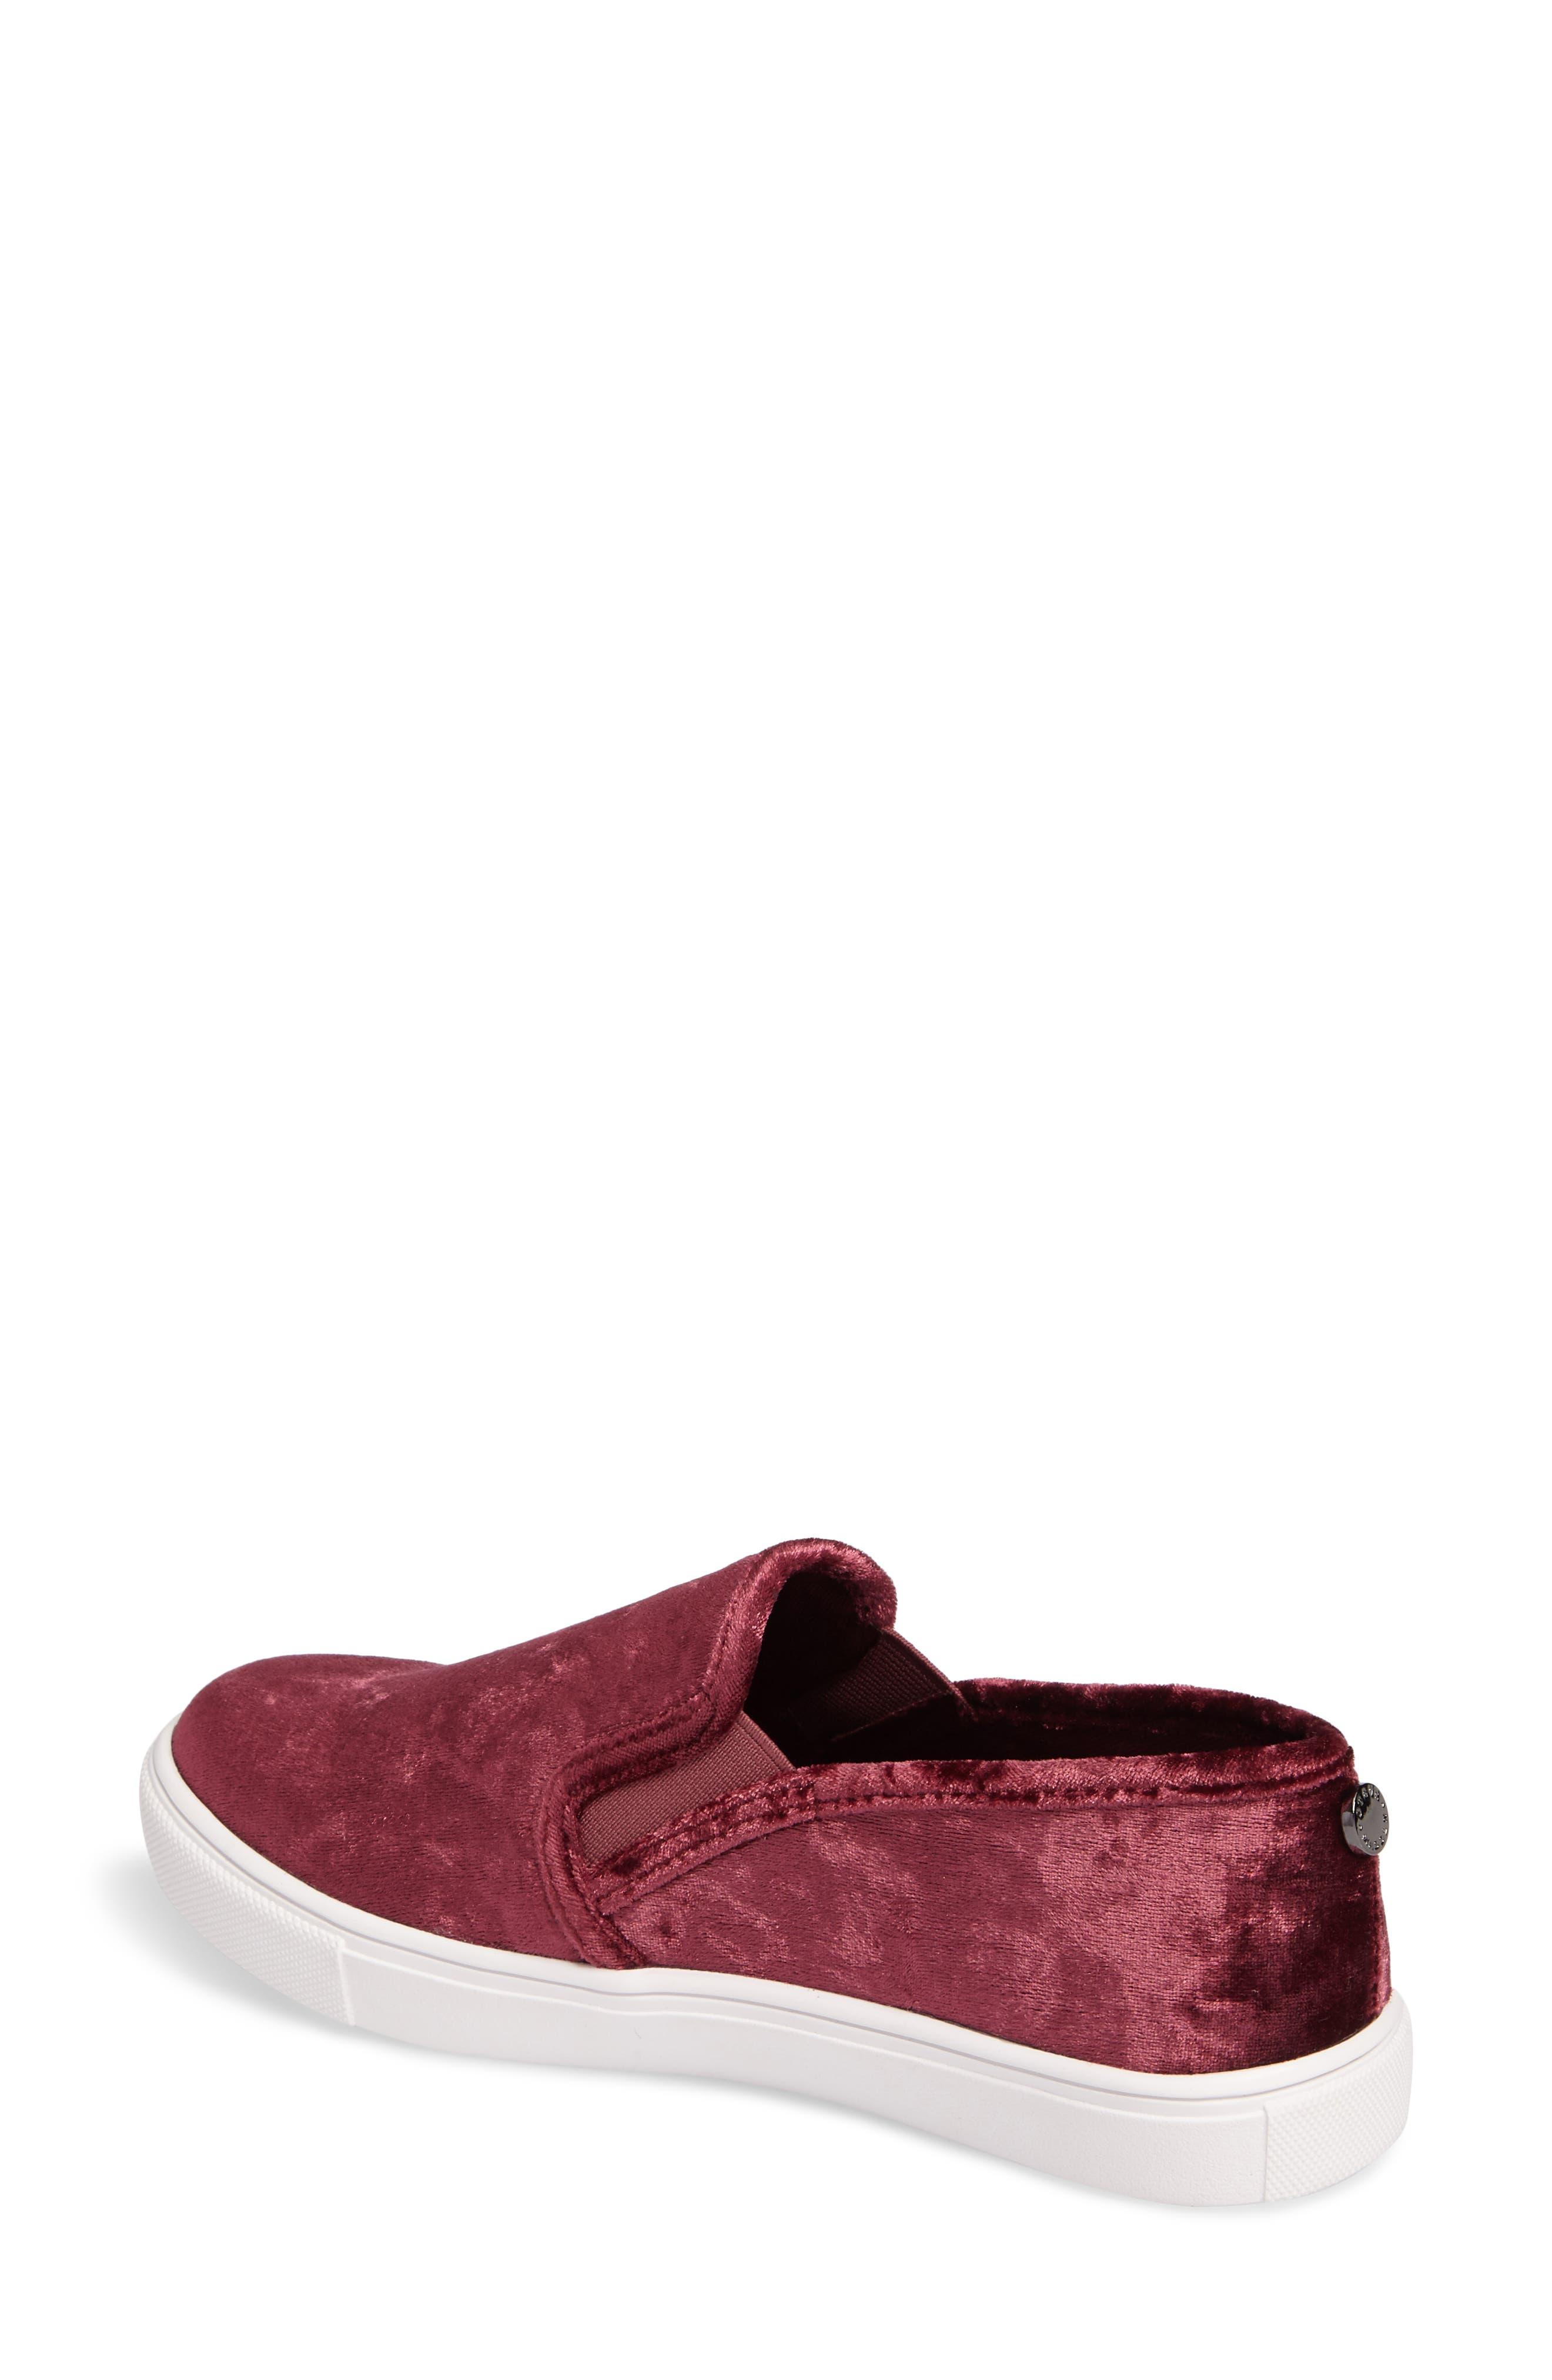 Ecntrcv Slip-On Sneaker,                             Alternate thumbnail 9, color,